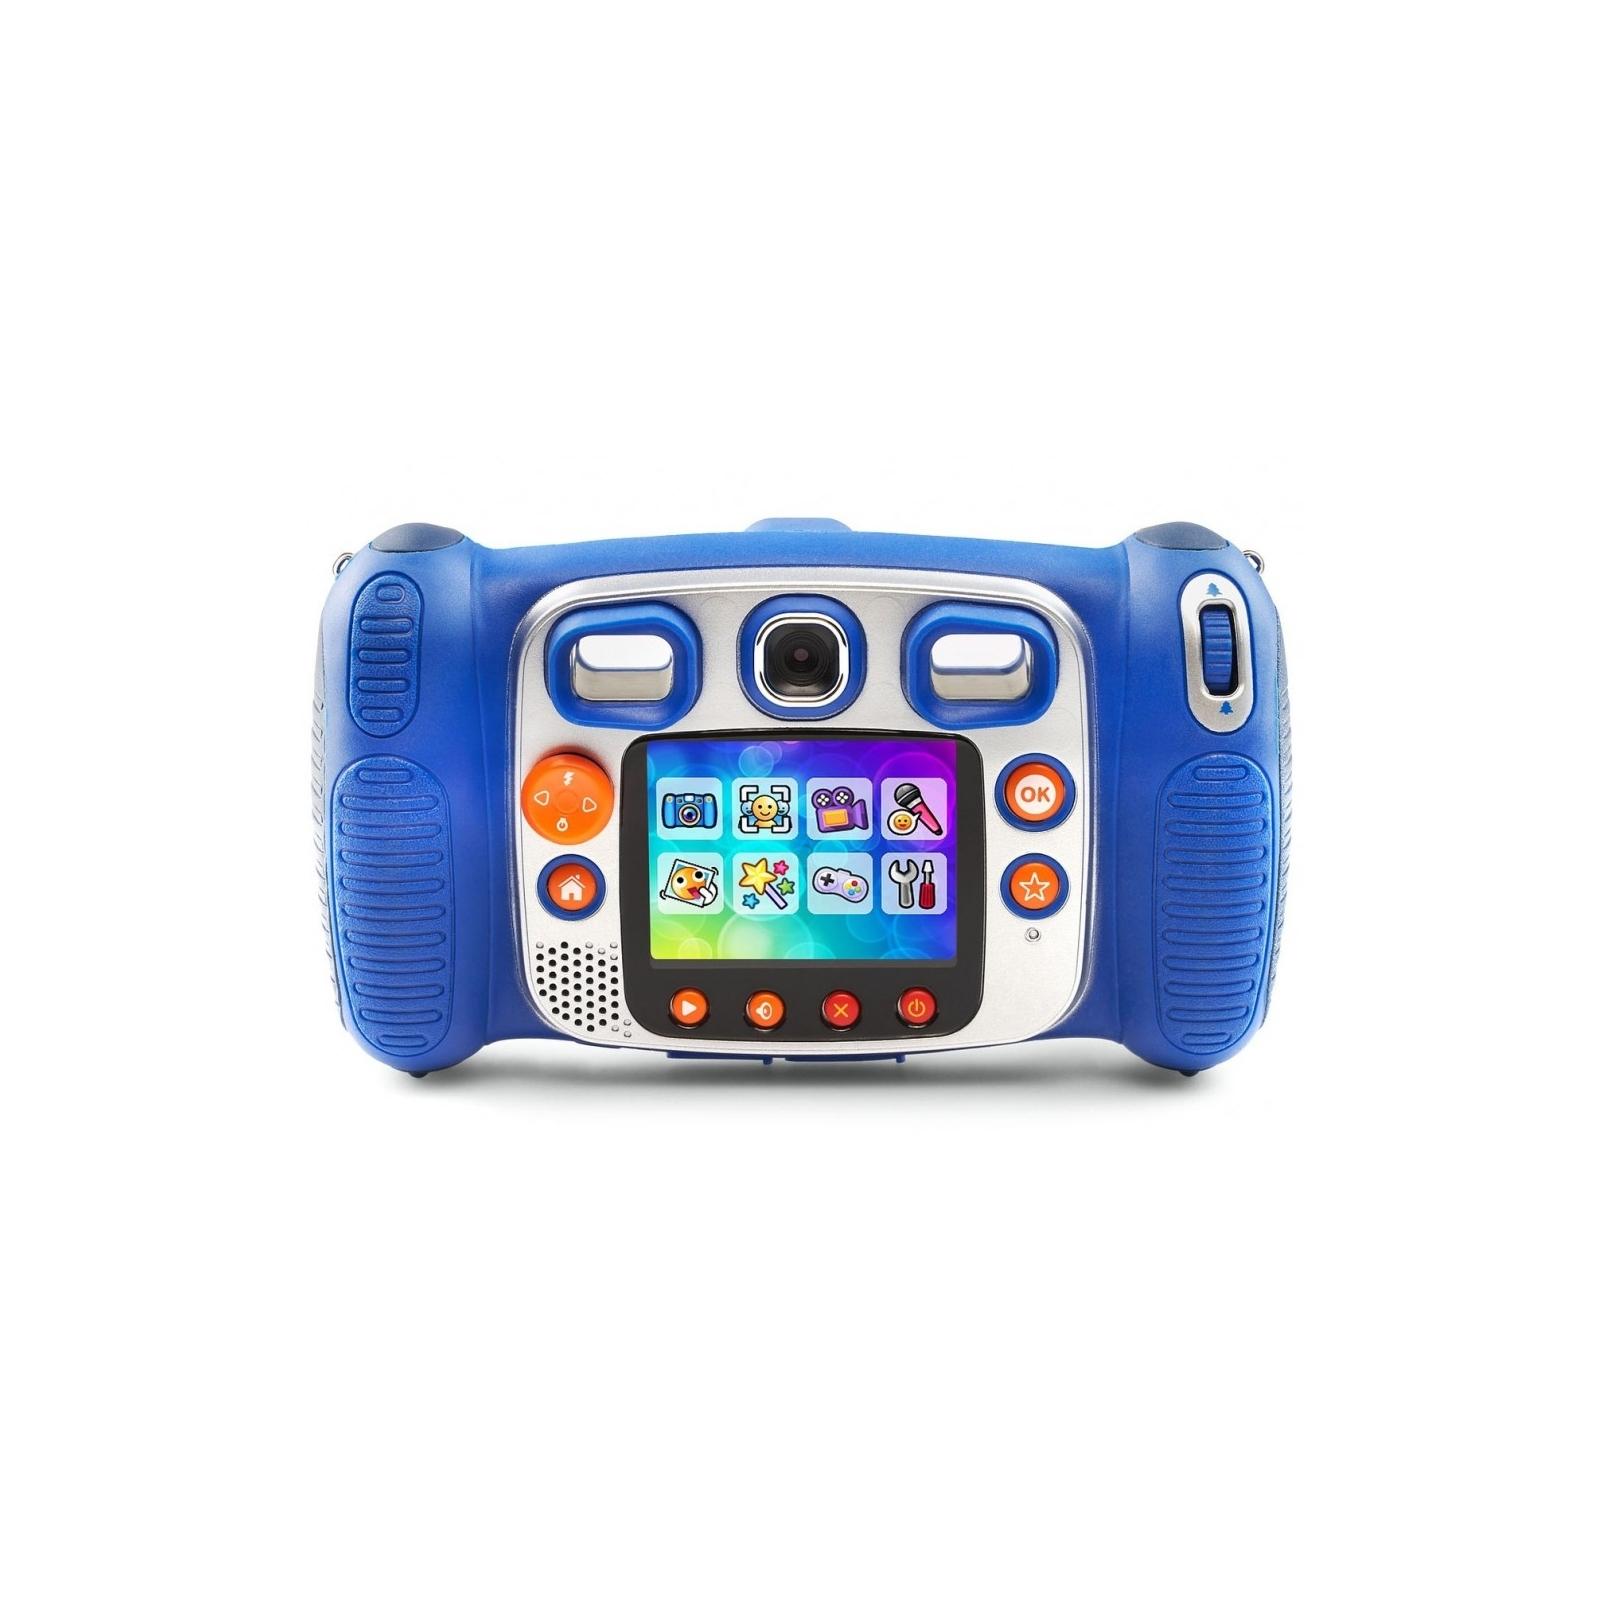 Интерактивная игрушка VTech Детская цифровая фотокамера Kidizoom Duo Blue (80-170803) изображение 2